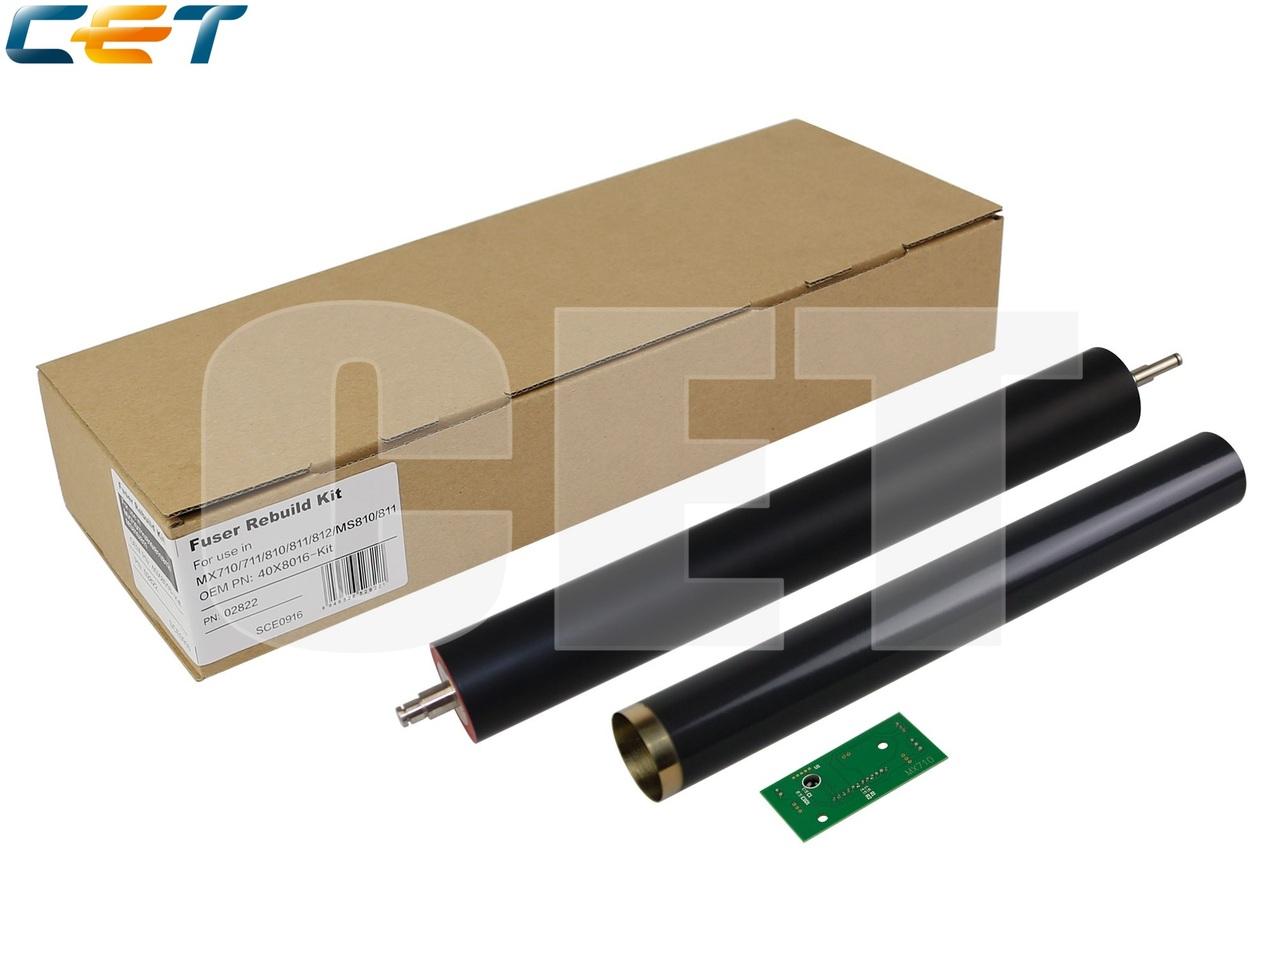 Комплект восстановления фьюзера (термопленка, резиновыйвал, чип) для LEXMARKMX710/MX711/MX810/MX811/MX812/MS810/MS811/MS812(CET), CET2822